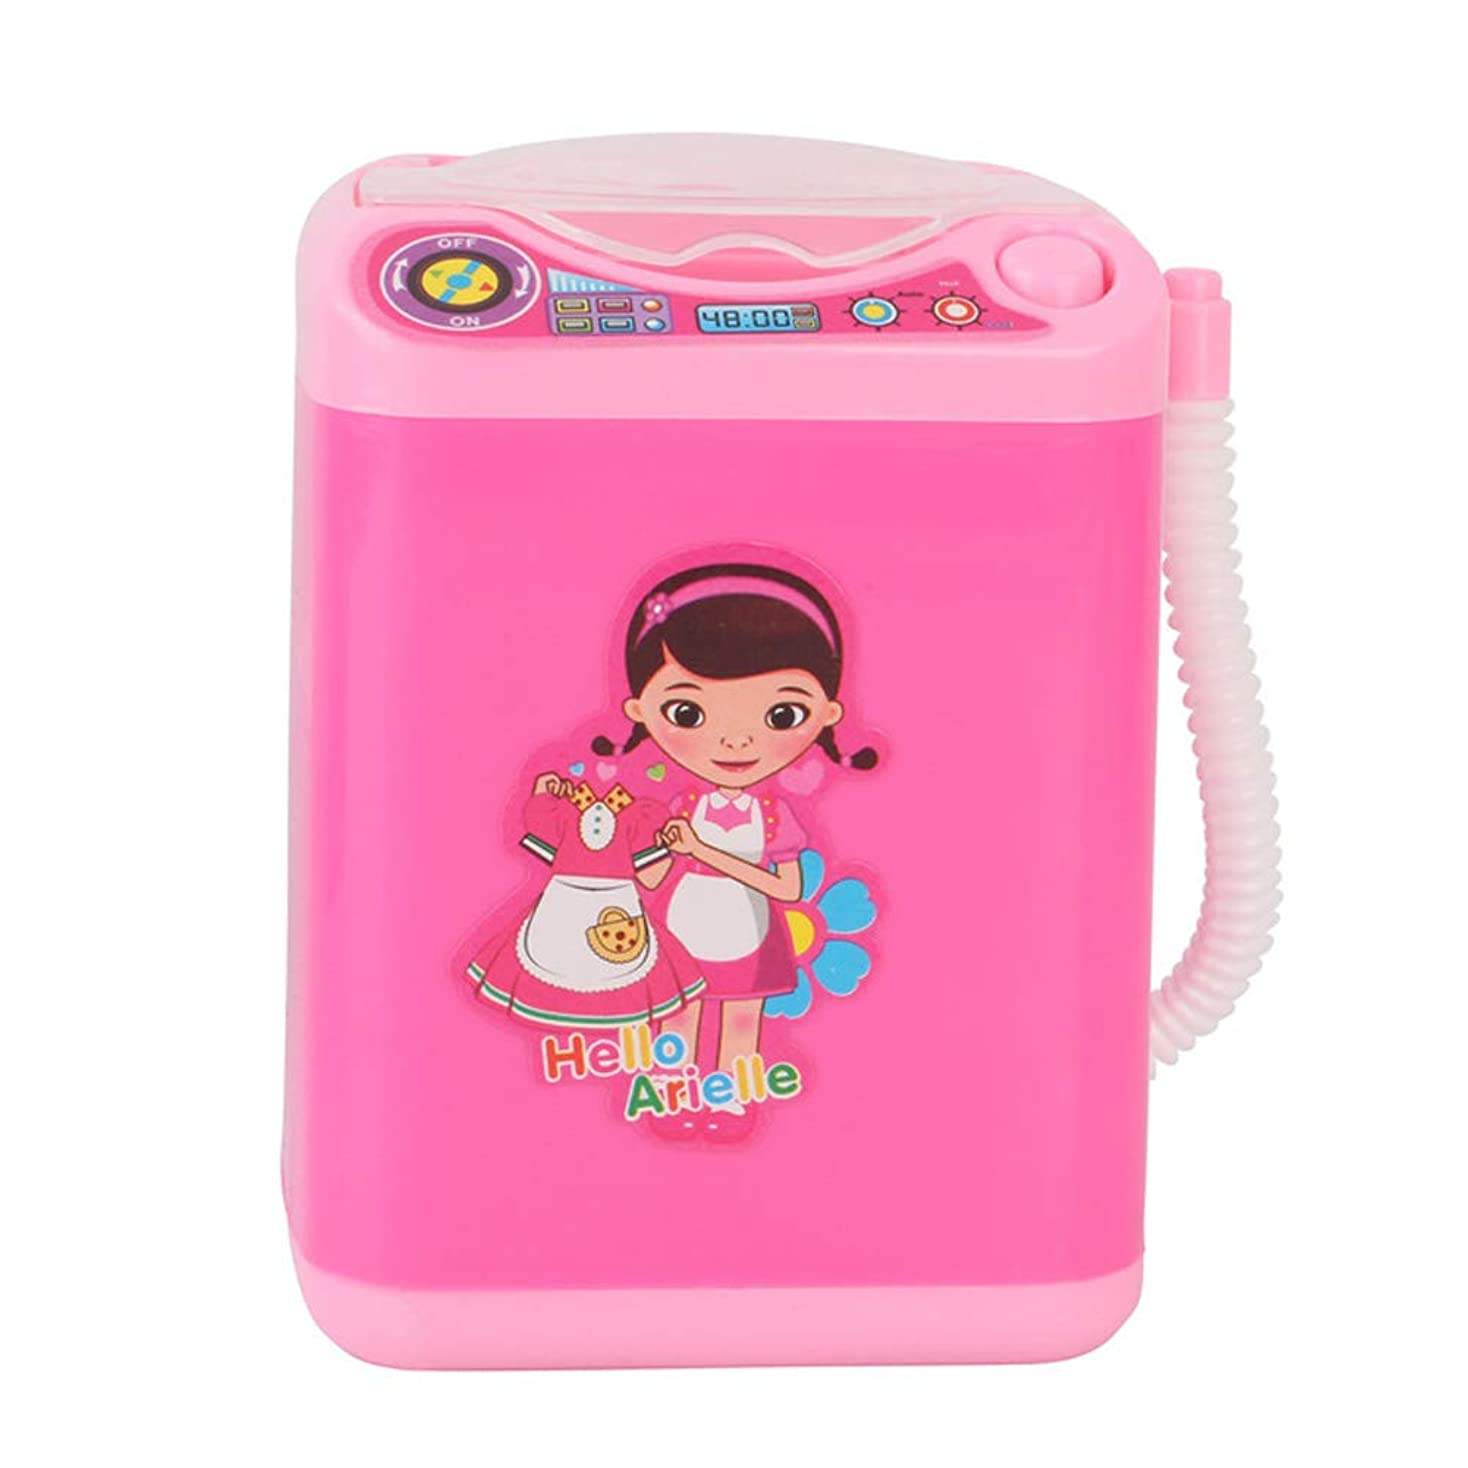 わかりやすい幸運櫛ZooArts 化粧ブラシ洗浄器 電動メイクブラシクリーナー 自動洗浄 電池式 ミニ洗濯機 携帯便利 DIY 可愛い 子供のおもちゃとしても大歓迎